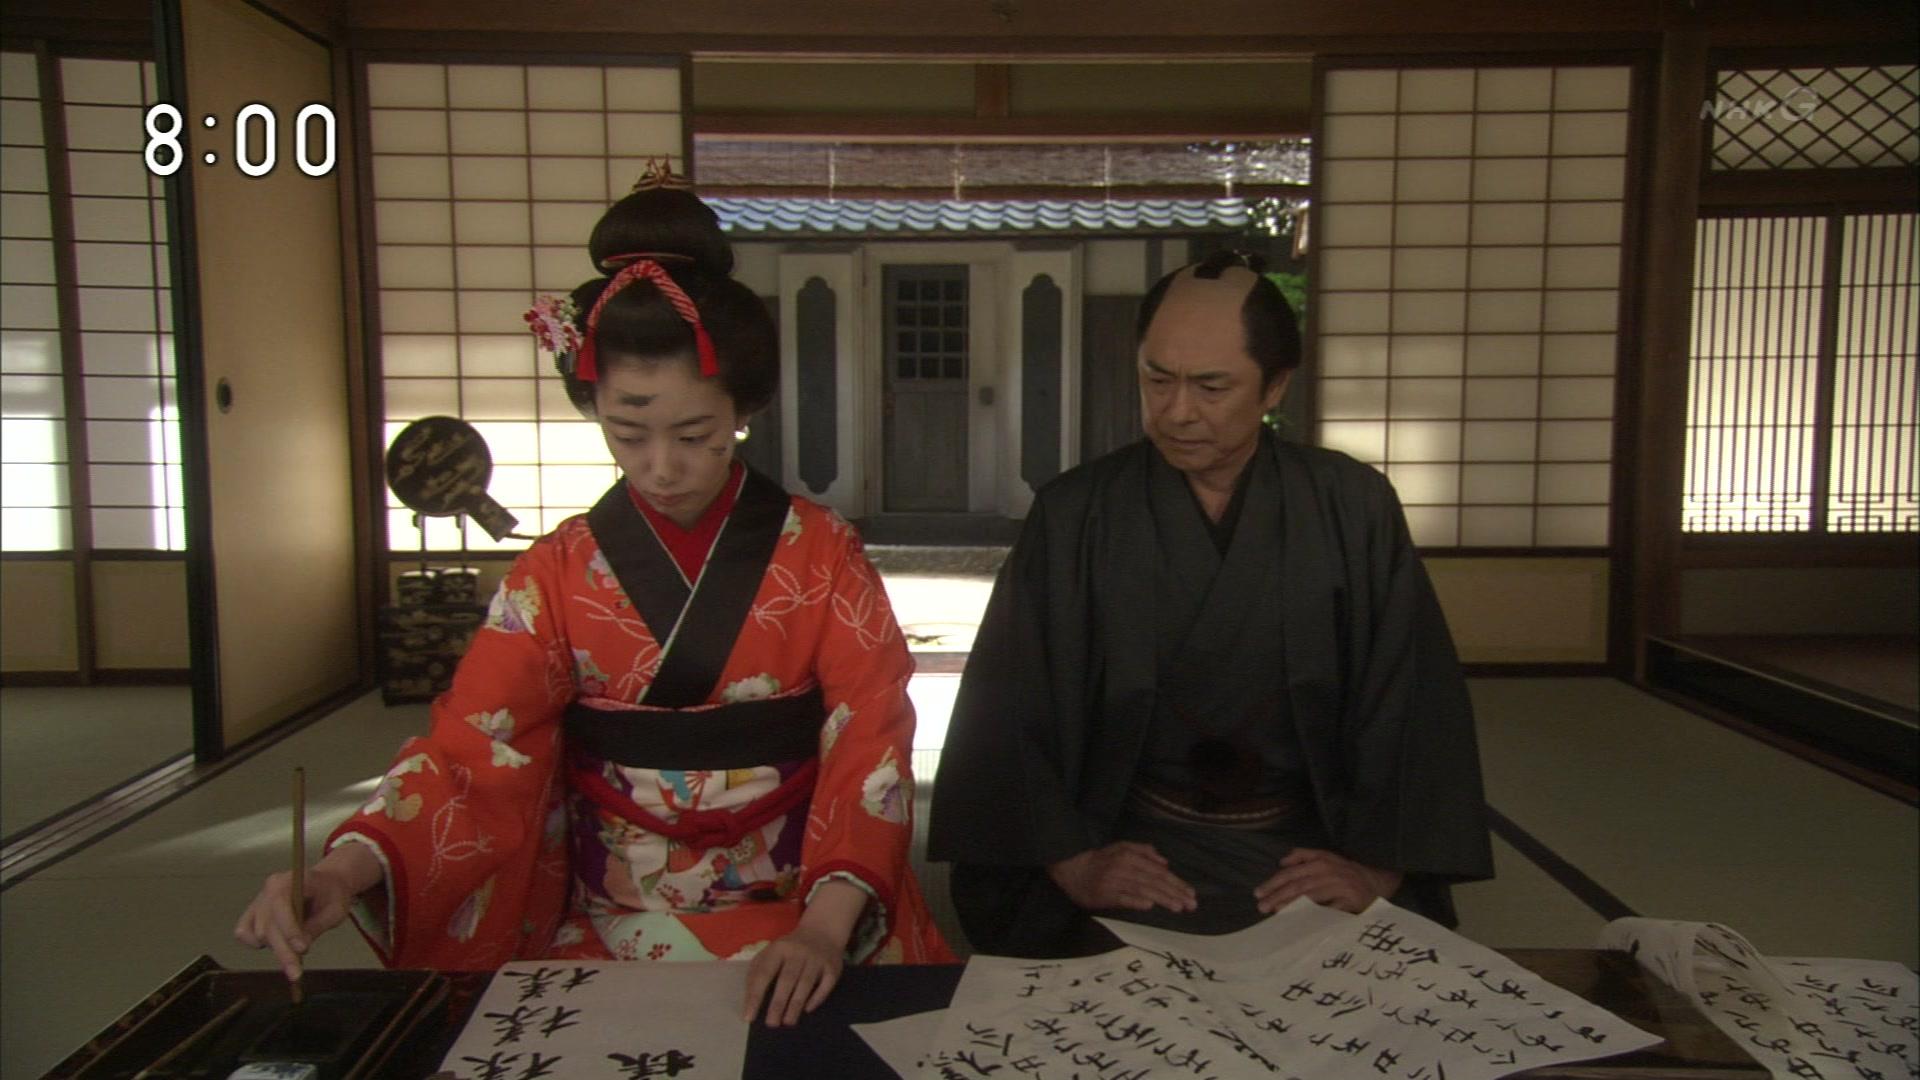 2015-10-09 08:00 連続テレビ小説 あさが来た(11)「ふたつの花びら」 0156